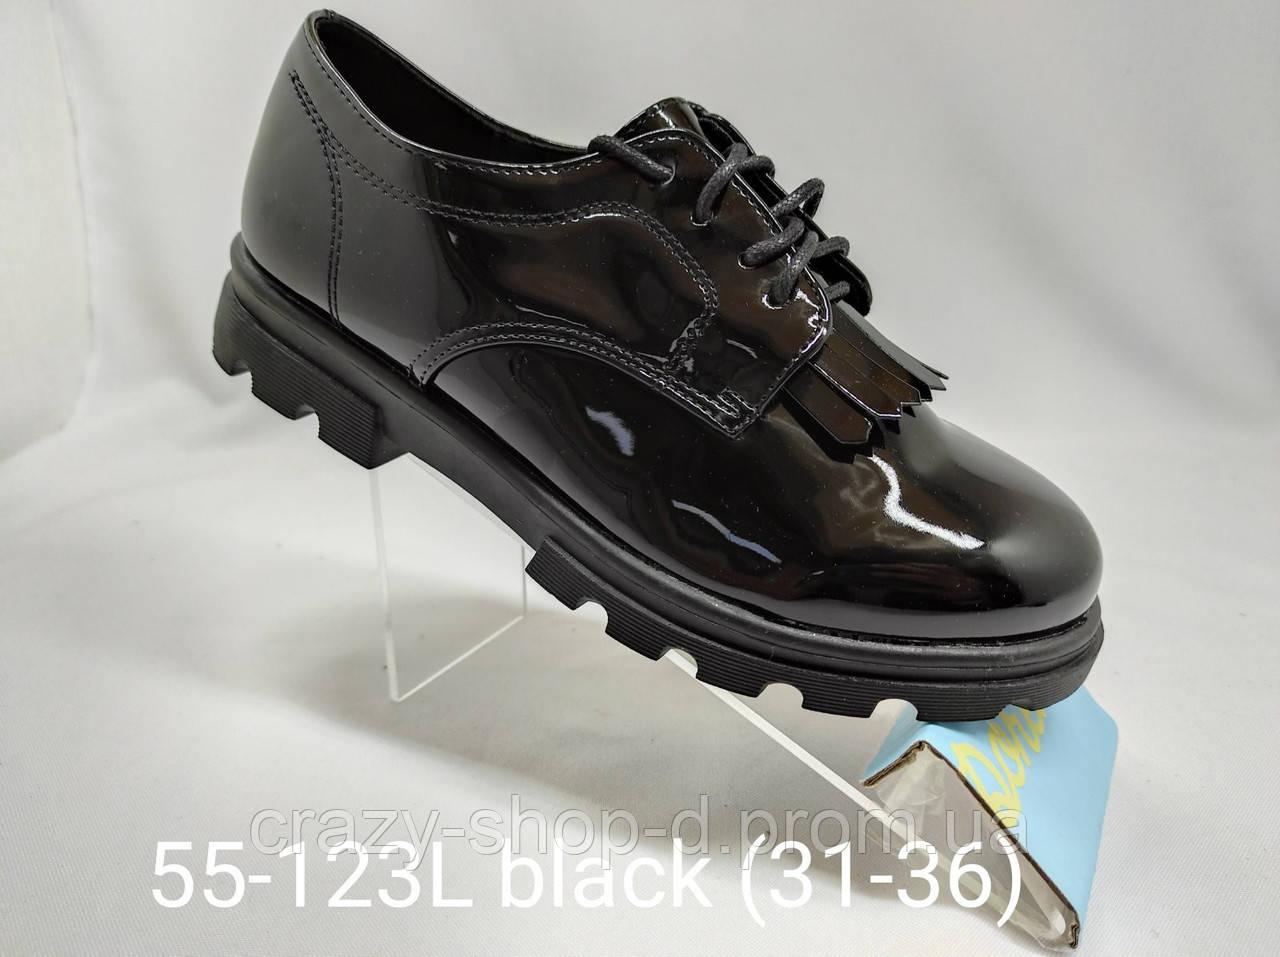 Школьные туфли для девочки. Туфли под форму.